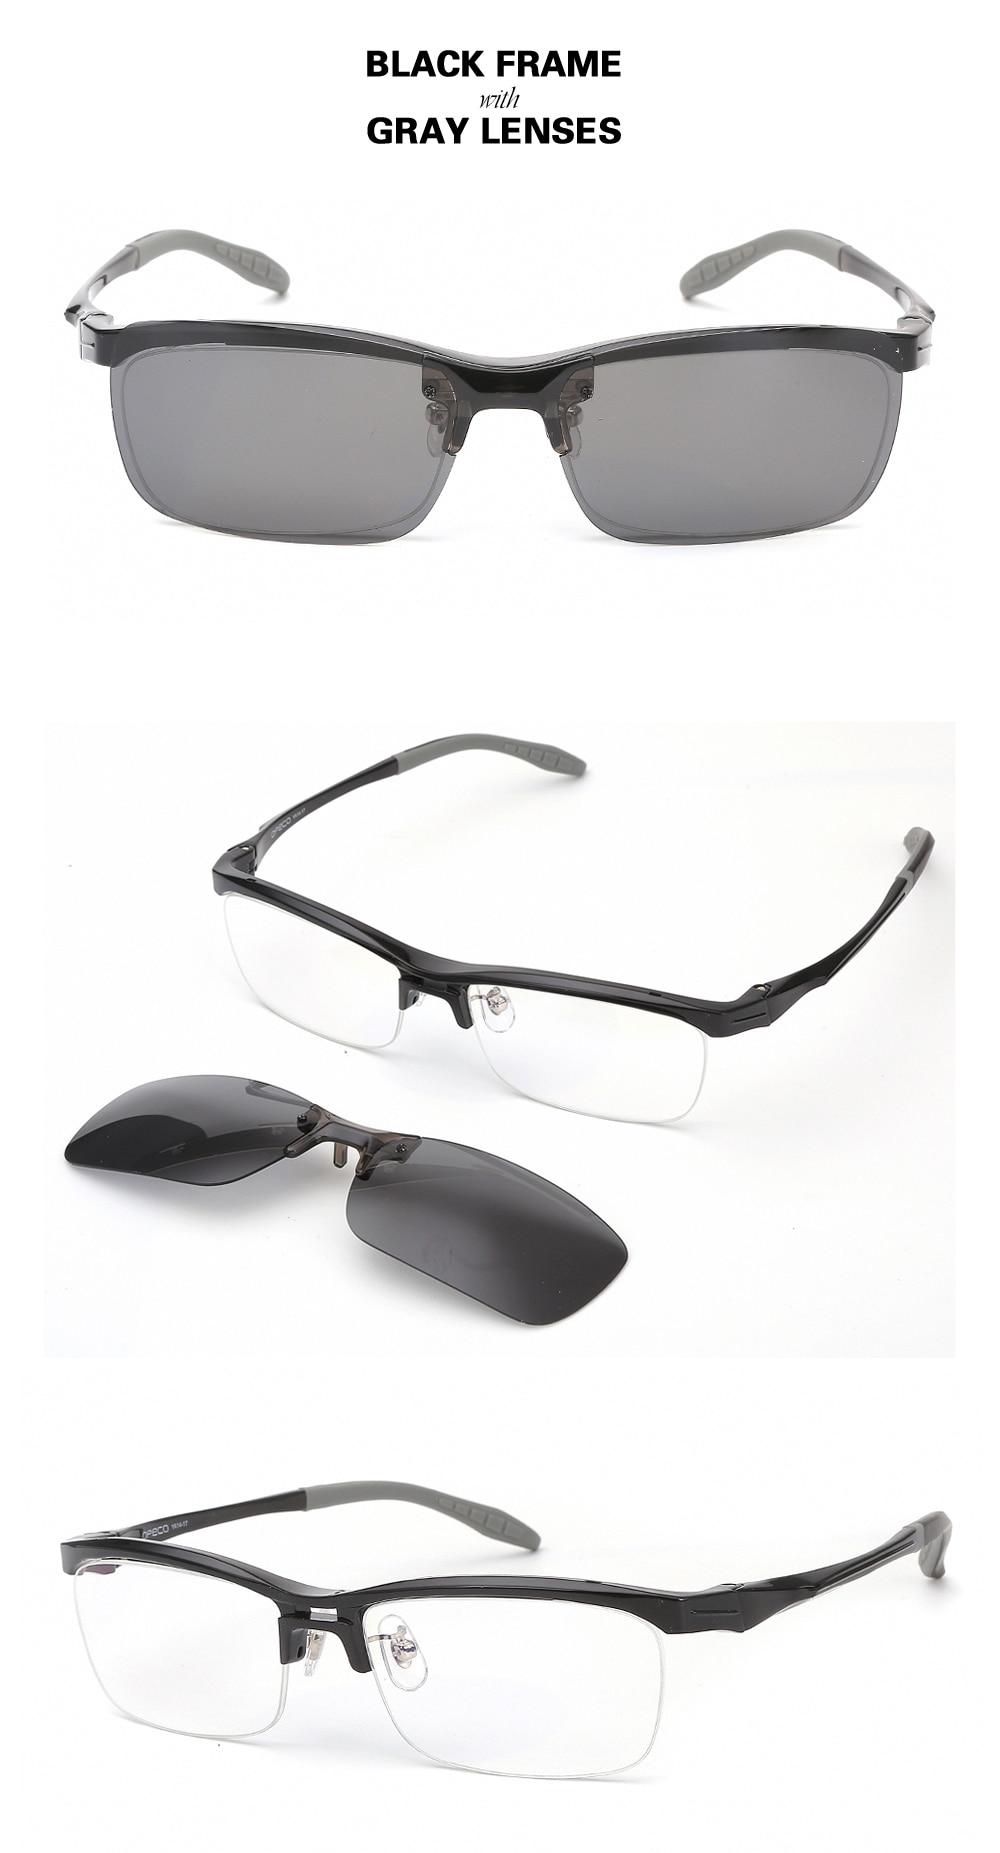 6c37fd4b15 Chashma marca calidad superior TR 90 gafas de diseñador gafas ópticas de  moda monturas gafas deportivas con Clips polarizados lentes. Uqs para  lentes de ...